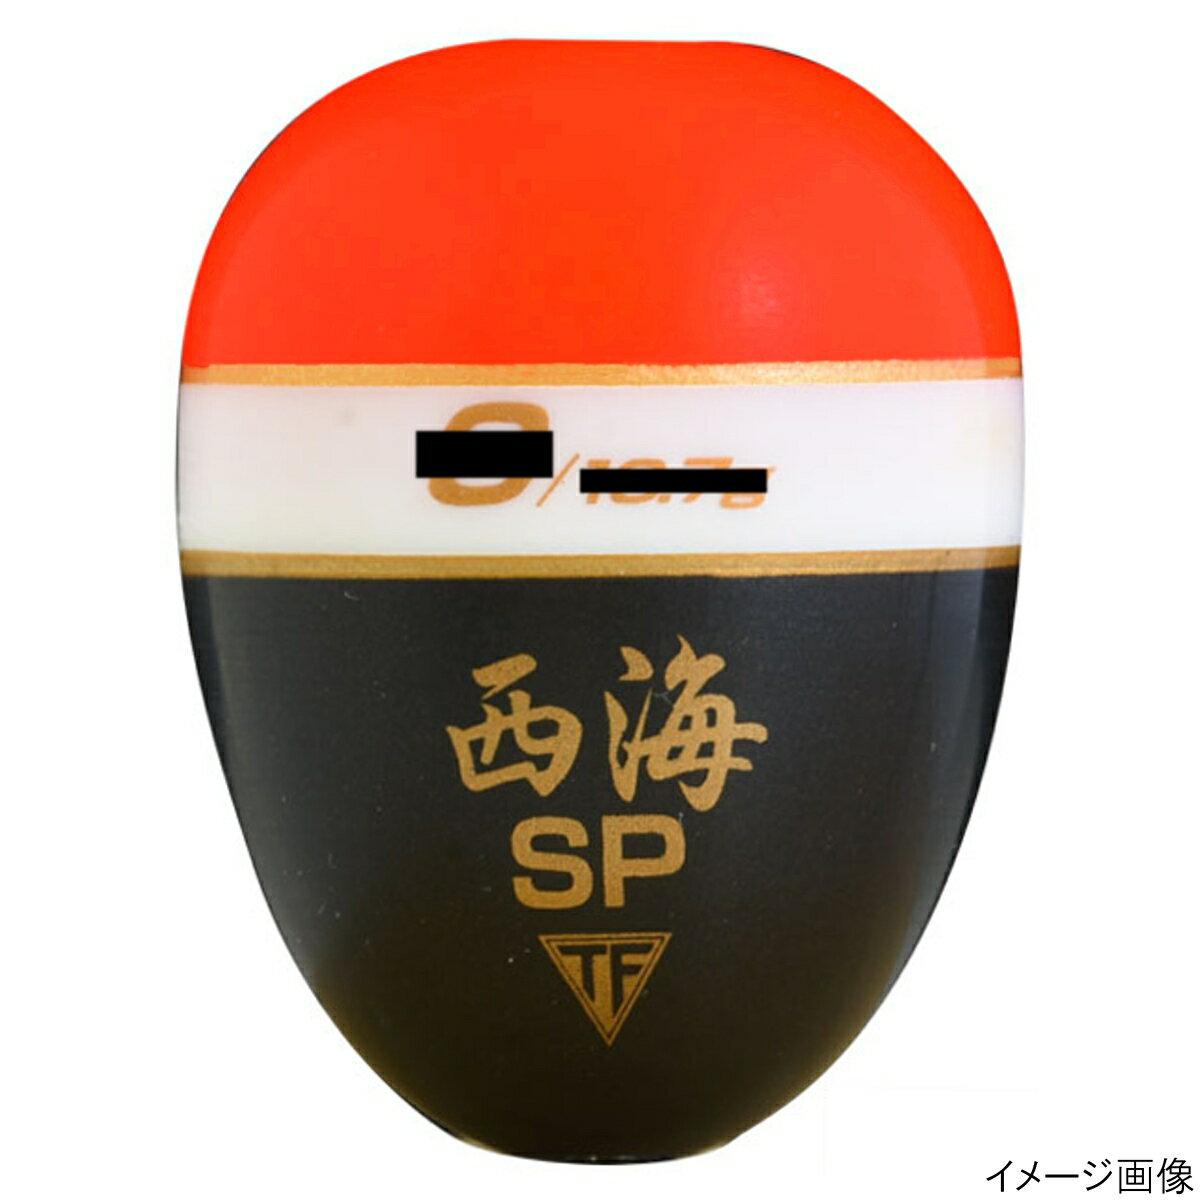 釣研 西海SP G3【ゆうパケット】